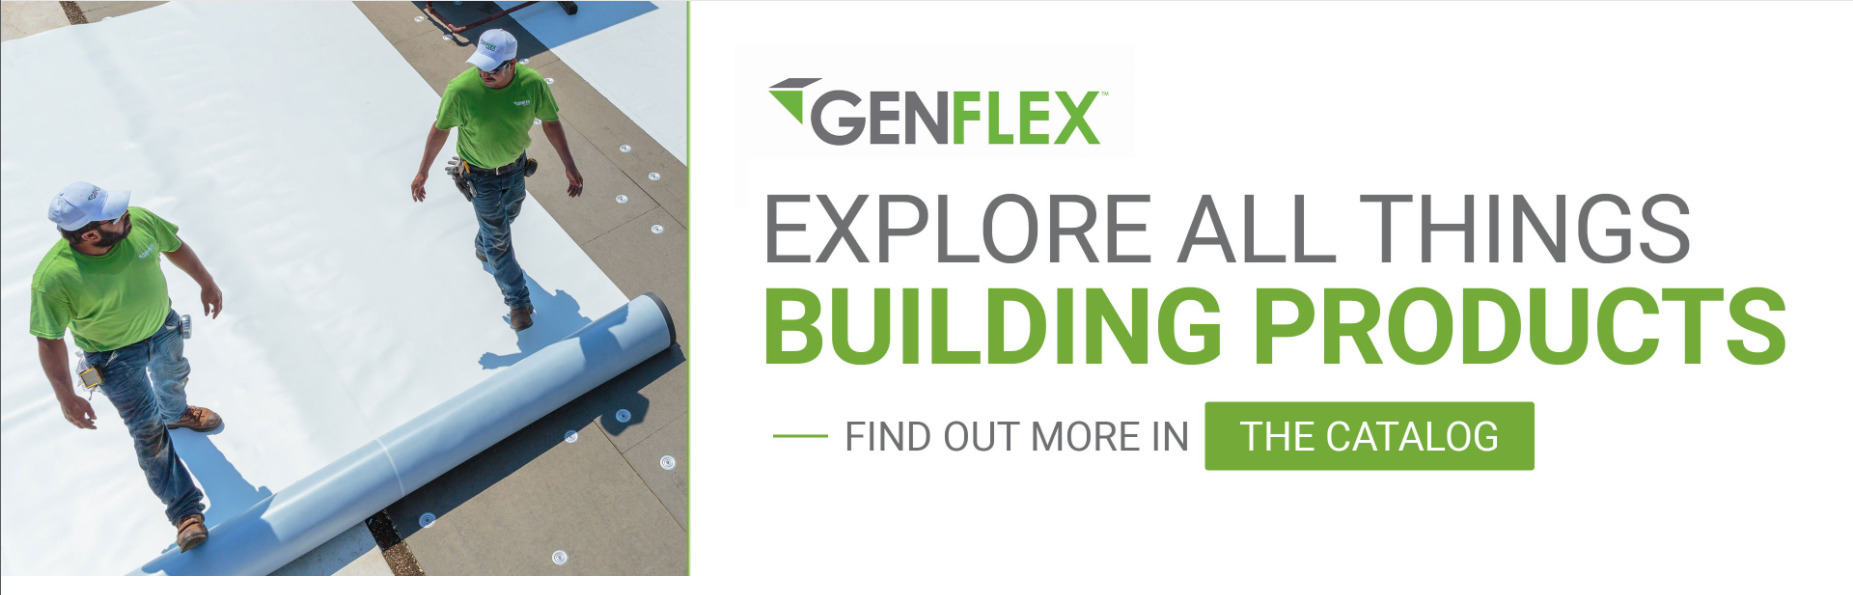 GenFlex LMS Header